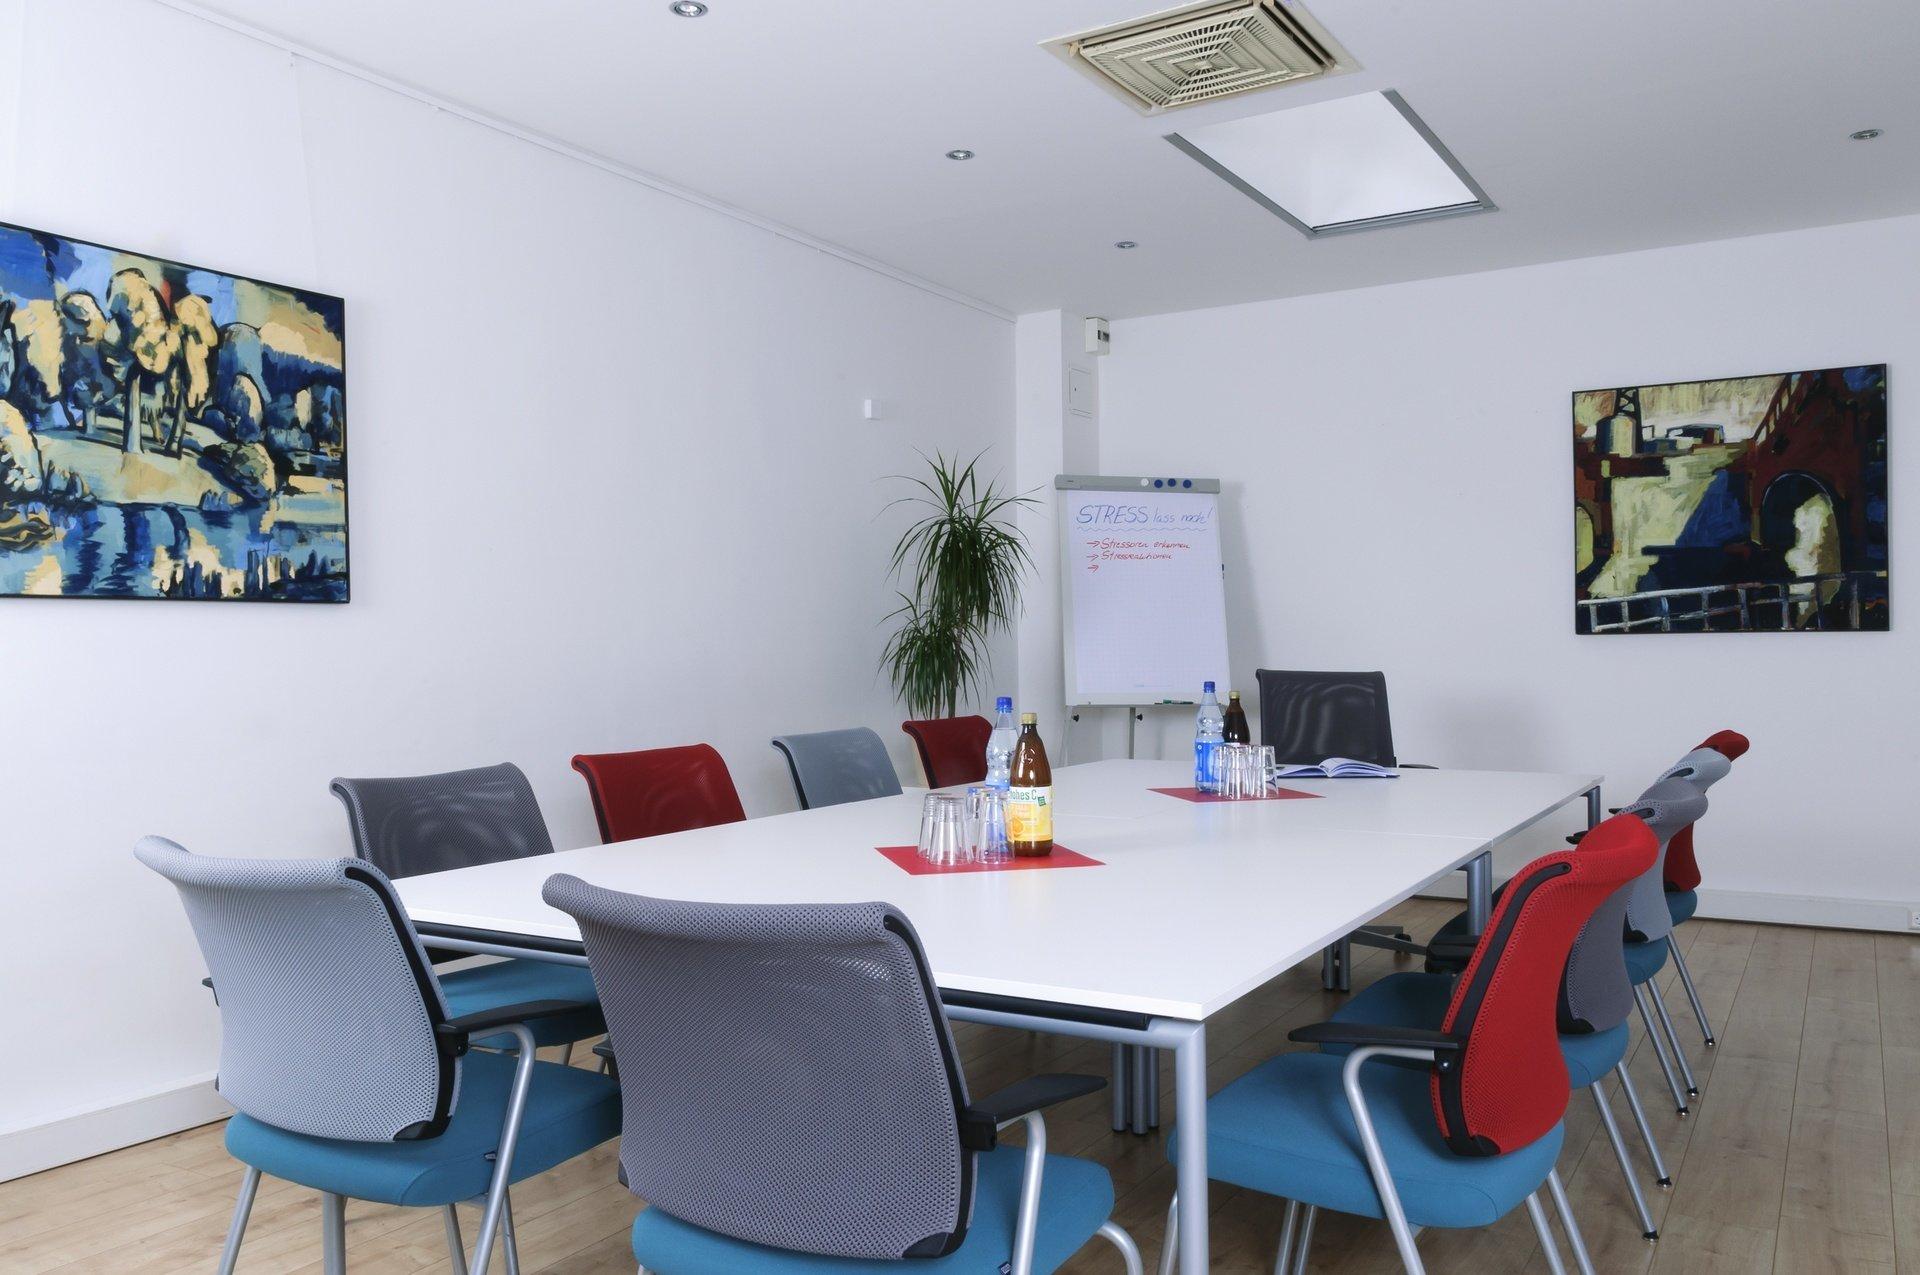 Leipzig training rooms Espace de Coworking Contor Haus - Meetingraum image 0